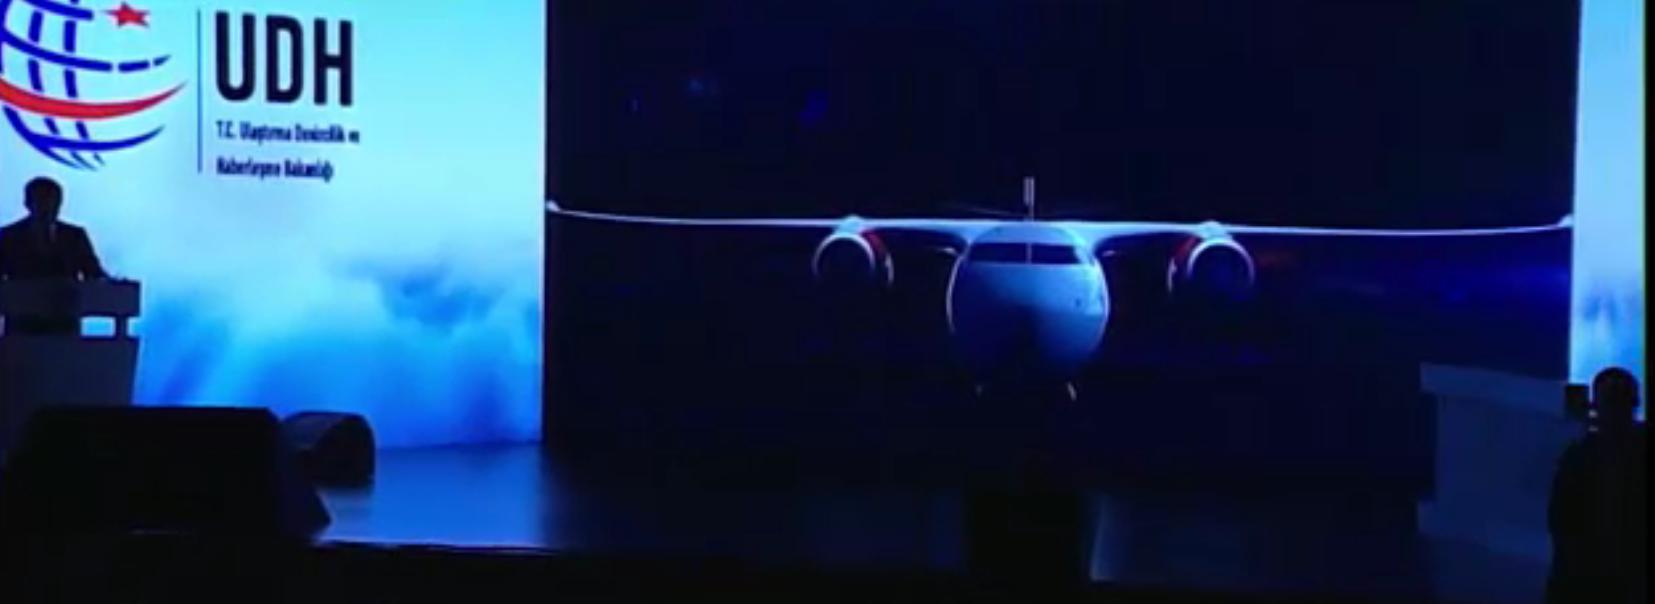 başbakan-ahmet-davutoğlu,-haliç-kongre-merkezinde-yerli-yolcu-uçaği-projesi-tanitim-toplantisinda-konuştu..png